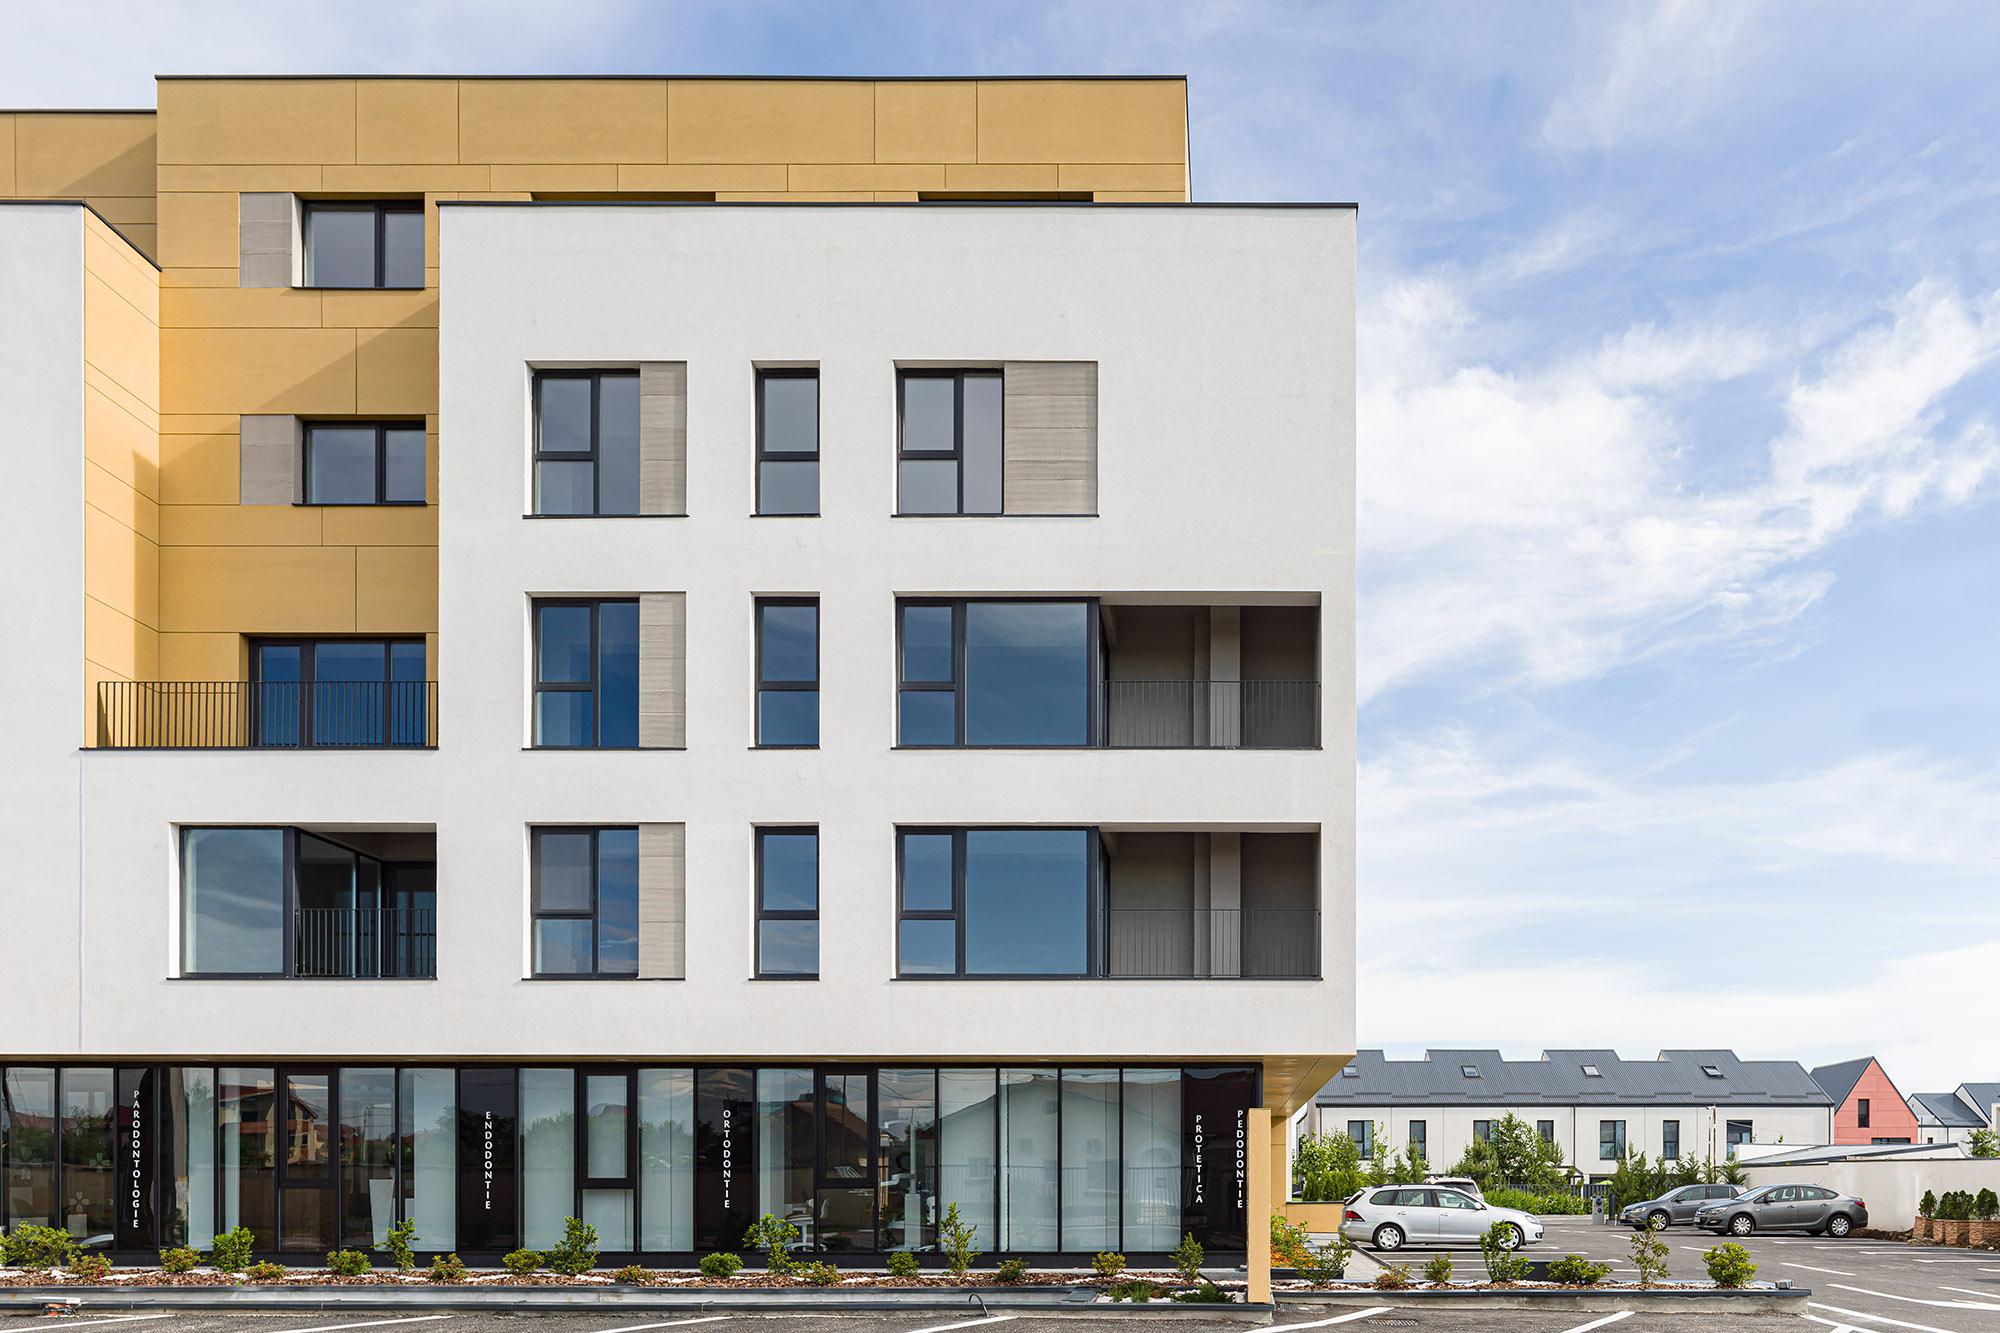 bloc apartamente studioA19 CATTED residences